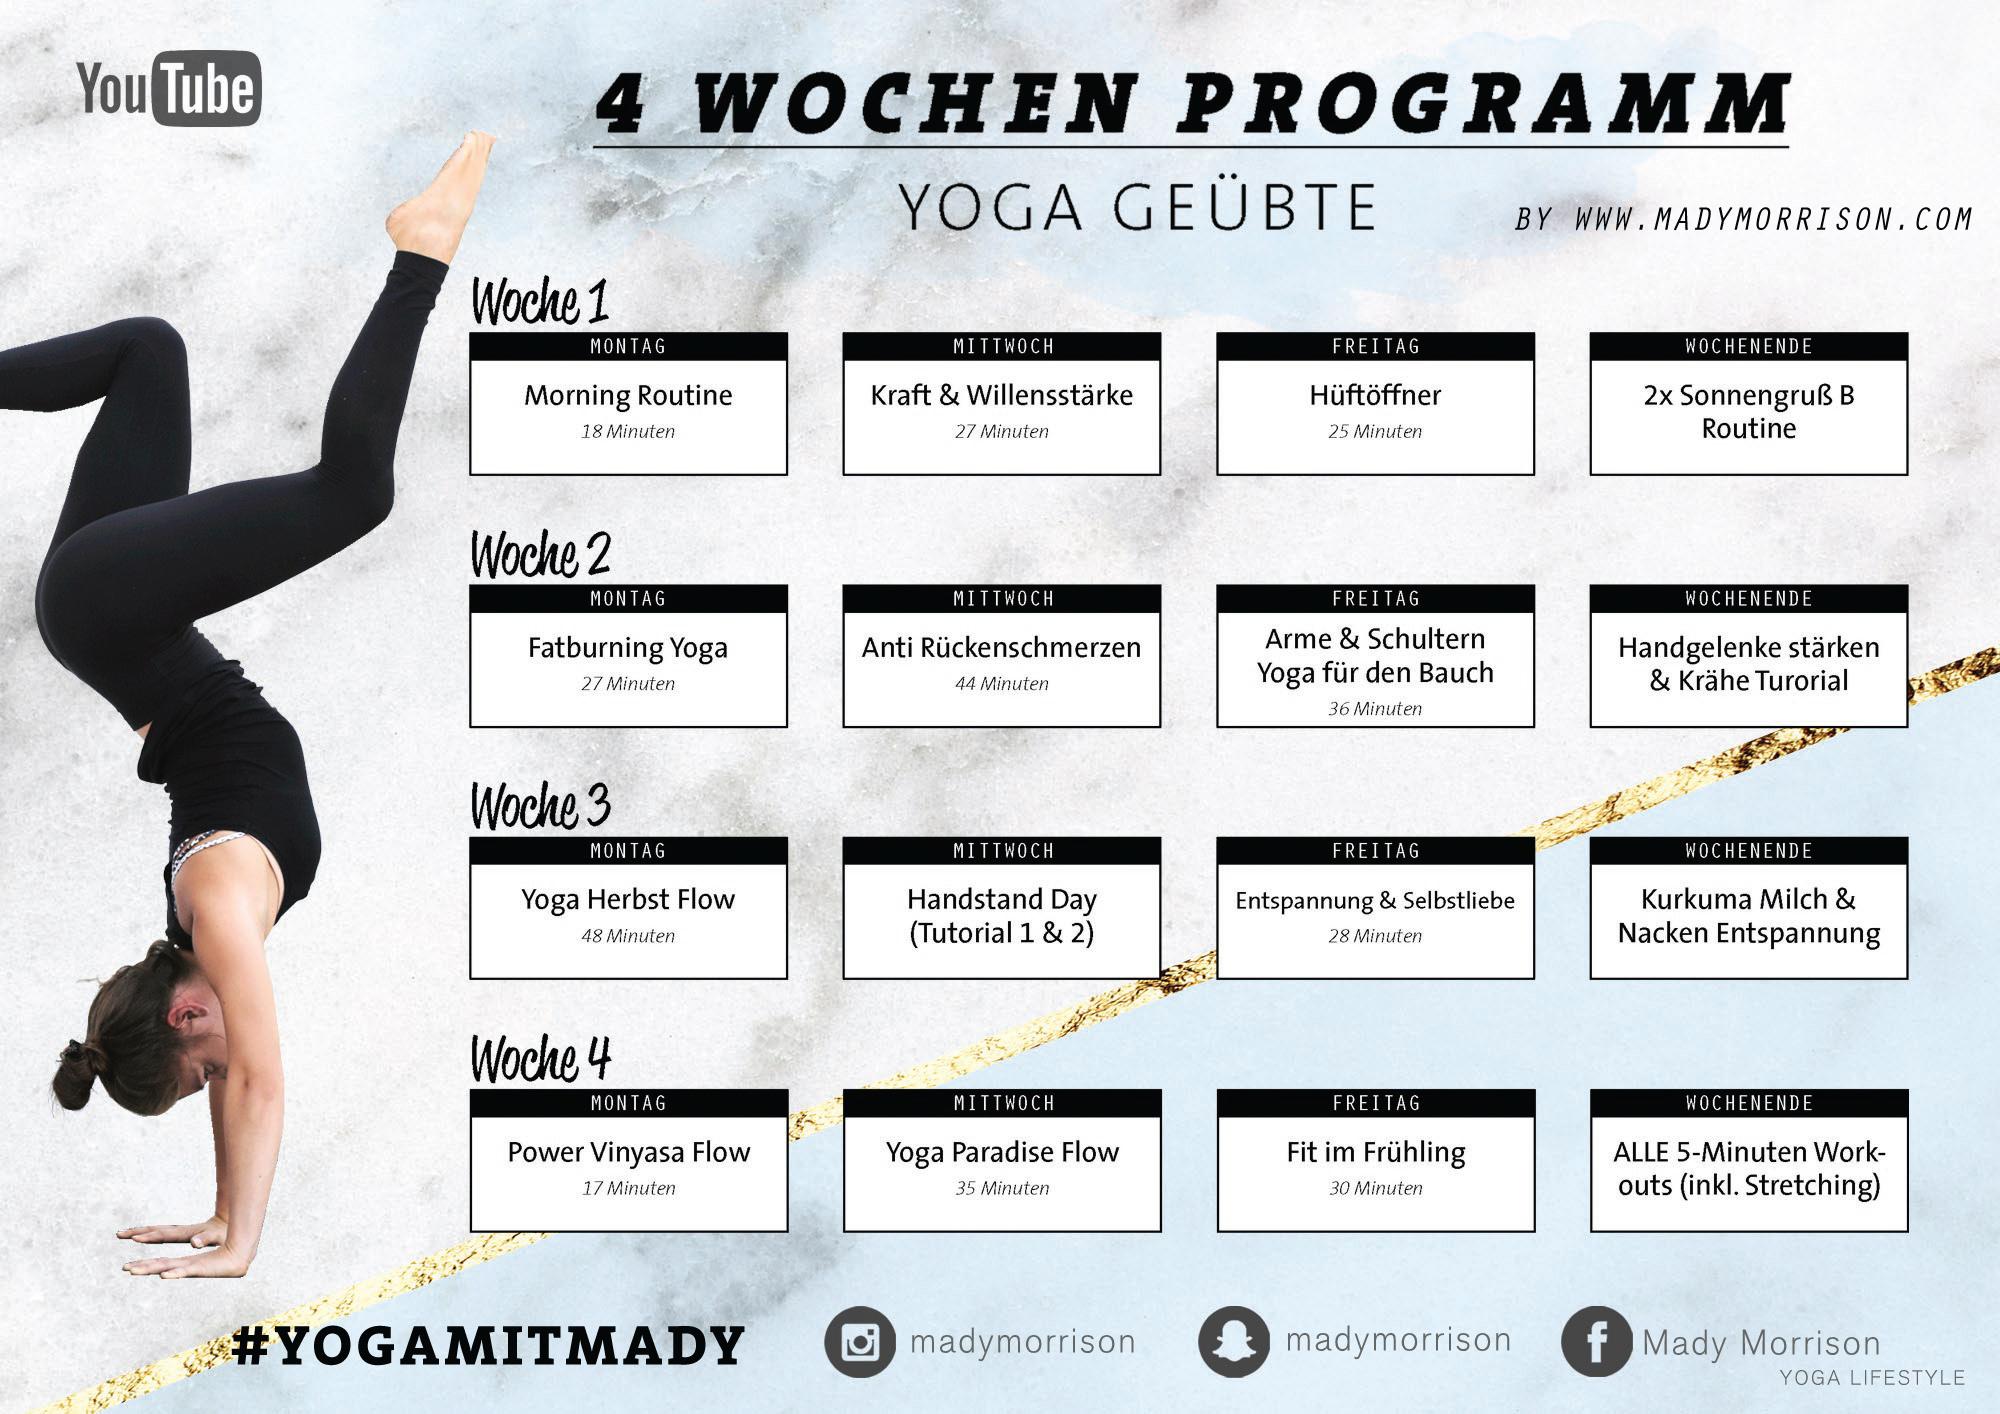 Atemberaubend 4 Wochen Yoga Programm | Für Anfänger & Geübte - Mady Morrison #EL_55